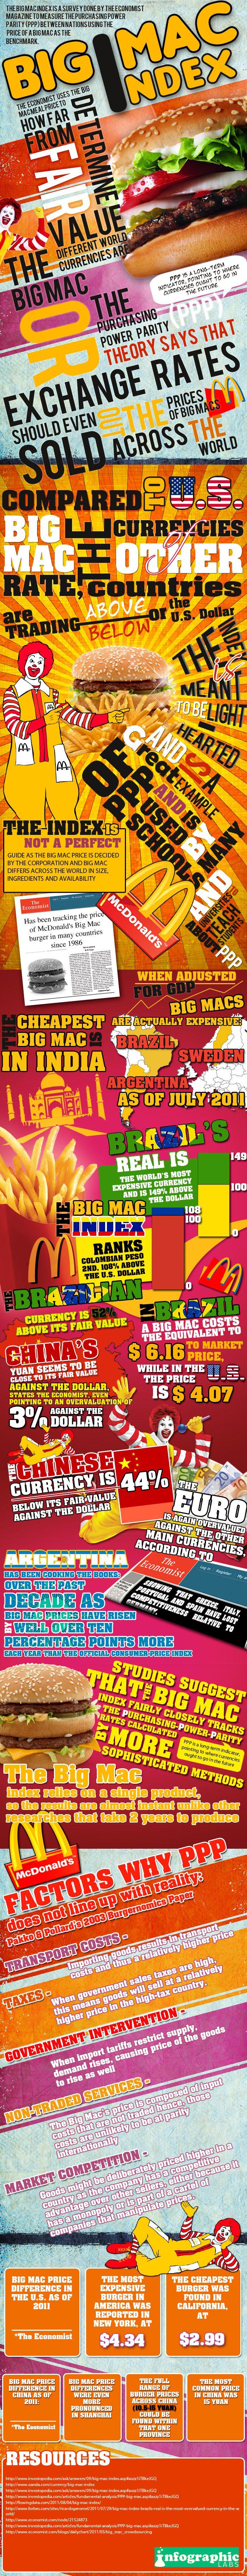 Indice Big Mac : un jour, une infographie